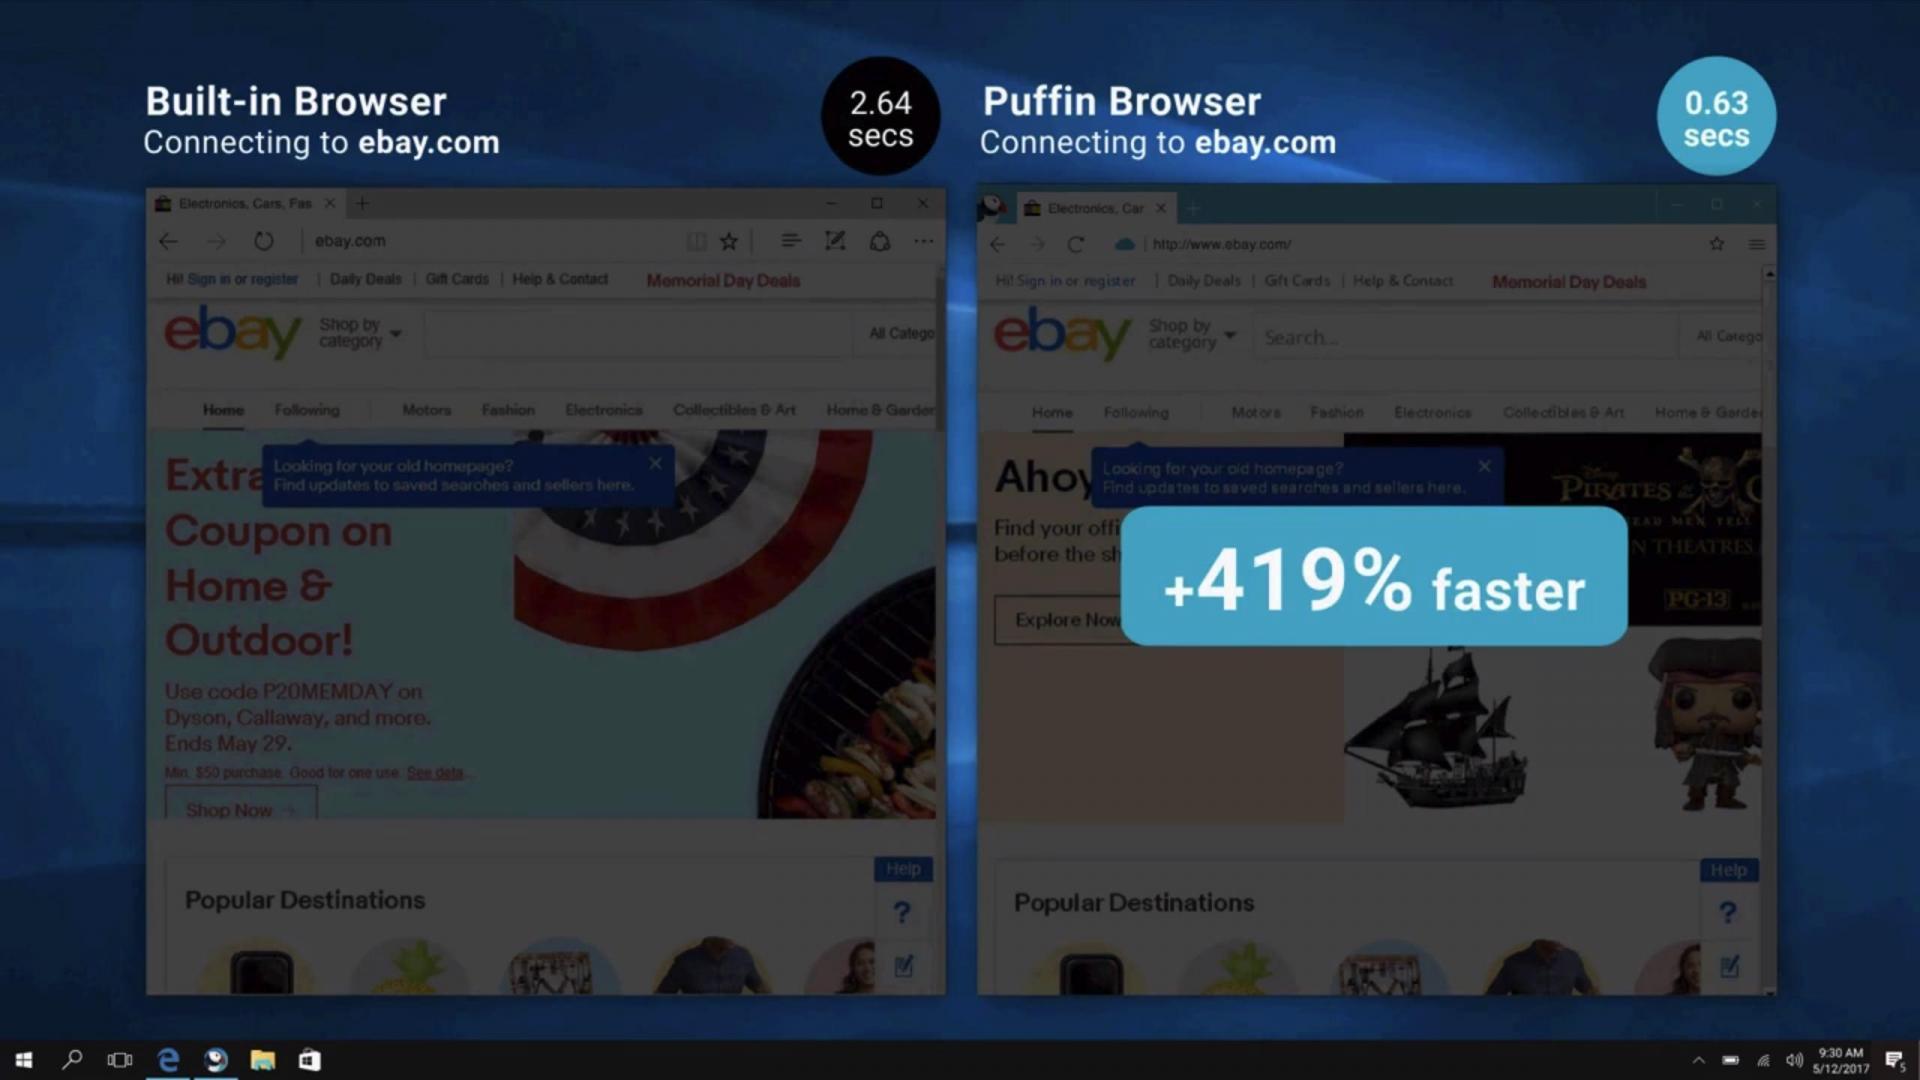 Вы пробовали браузер Puffin? Он часто работает на 419% быстрее вашего